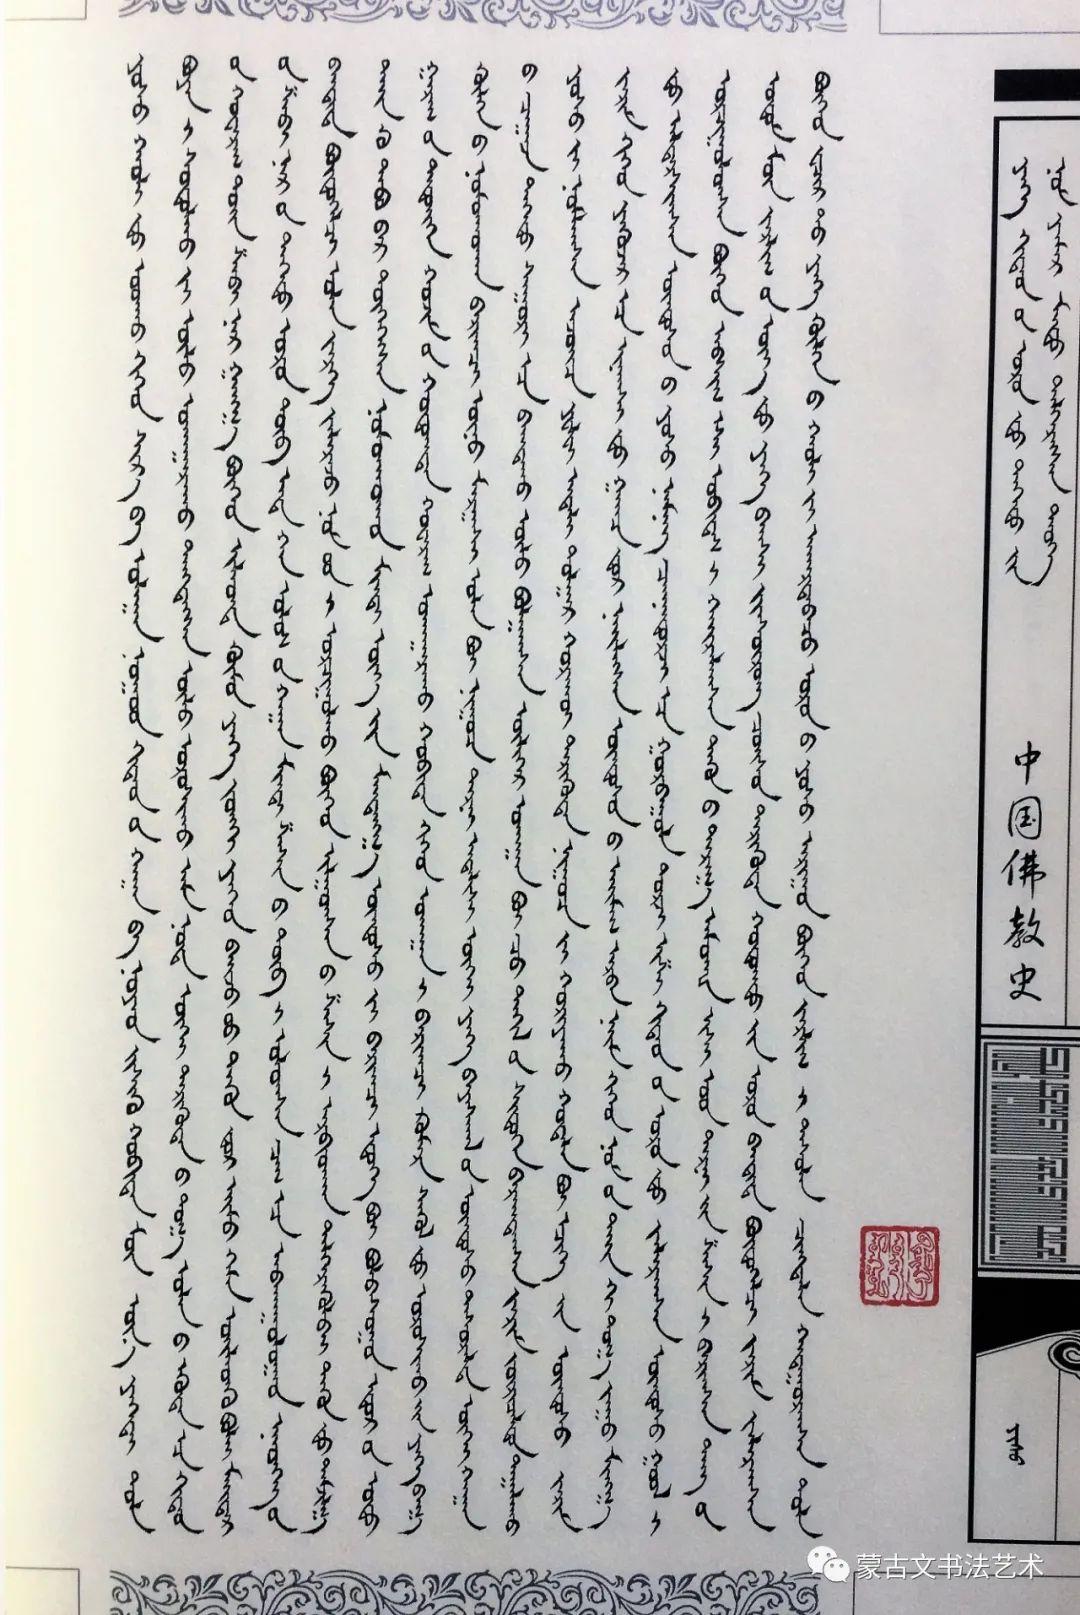 阿力达日图楷书著作-《中国佛教史(三)》 第6张 阿力达日图楷书著作-《中国佛教史(三)》 蒙古书法